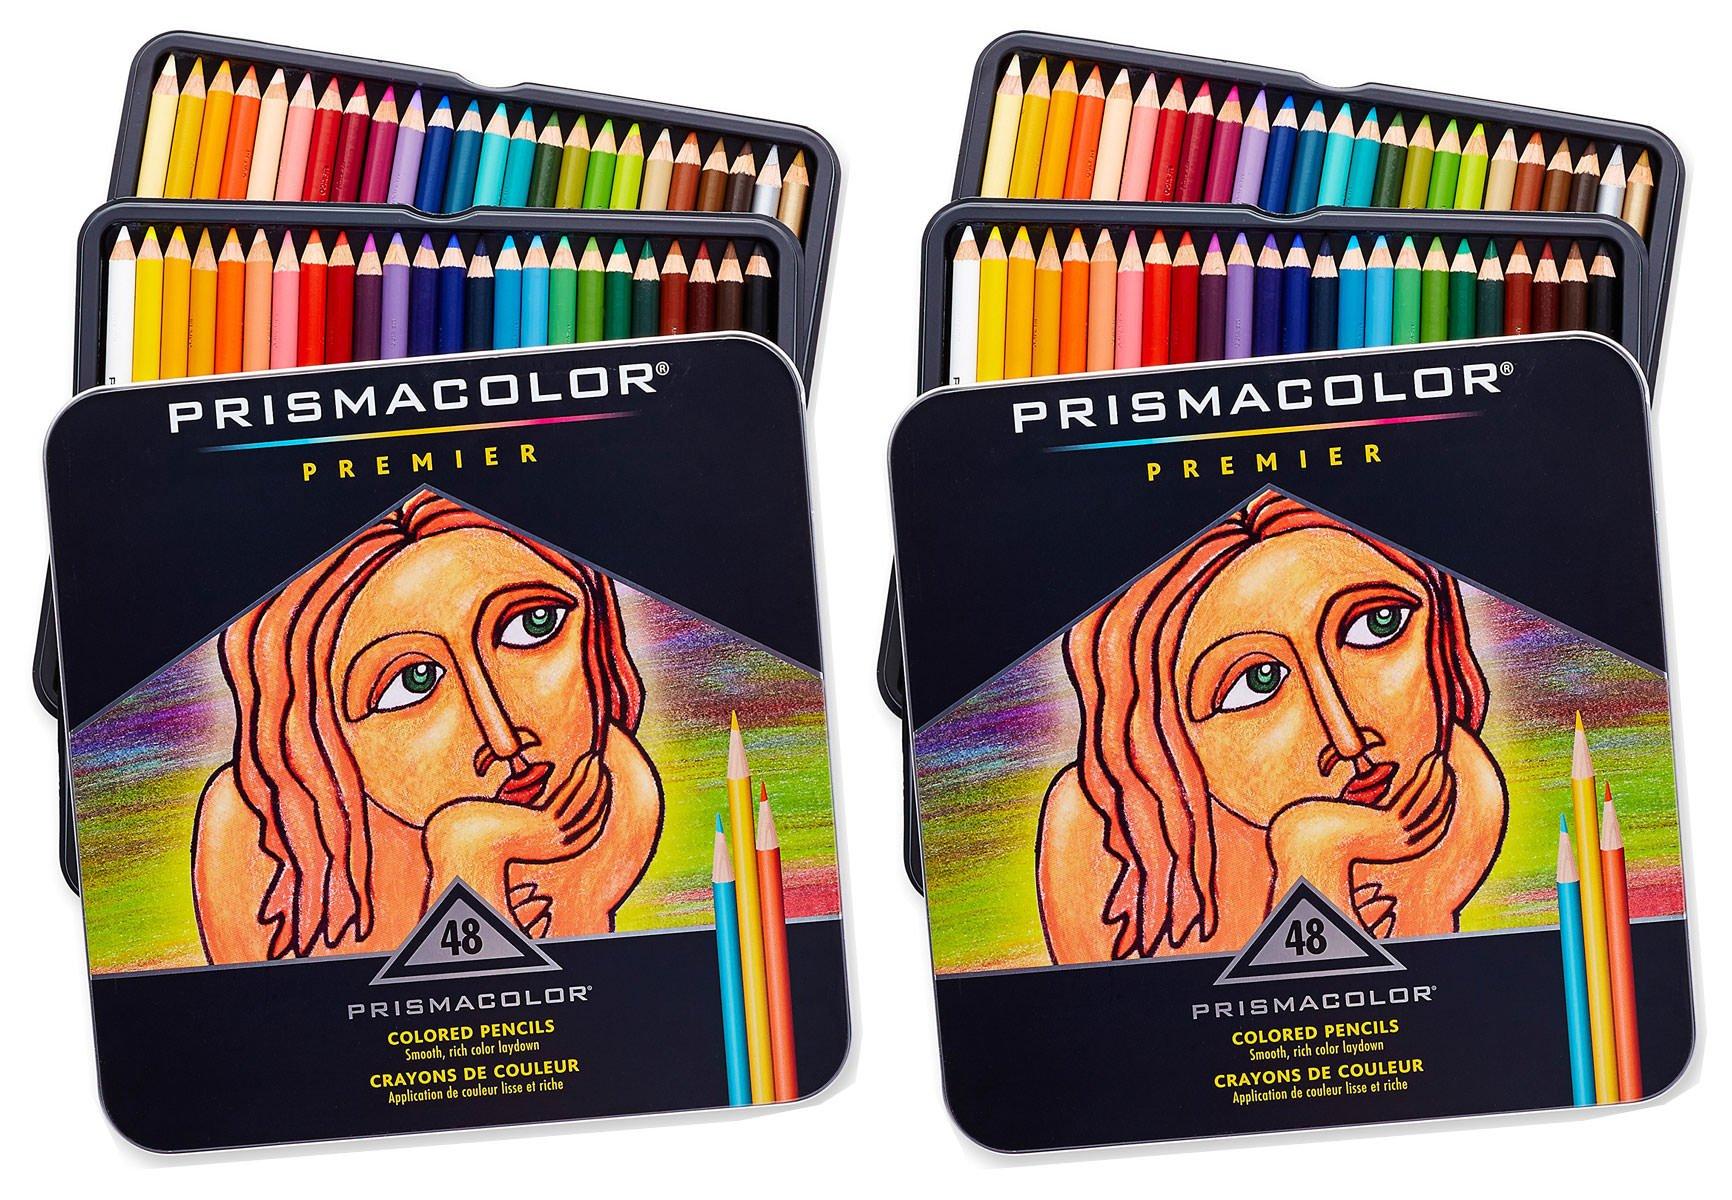 Prismacolor Premier Colored Pencils, Soft Core, 48-Count, 2 Pack